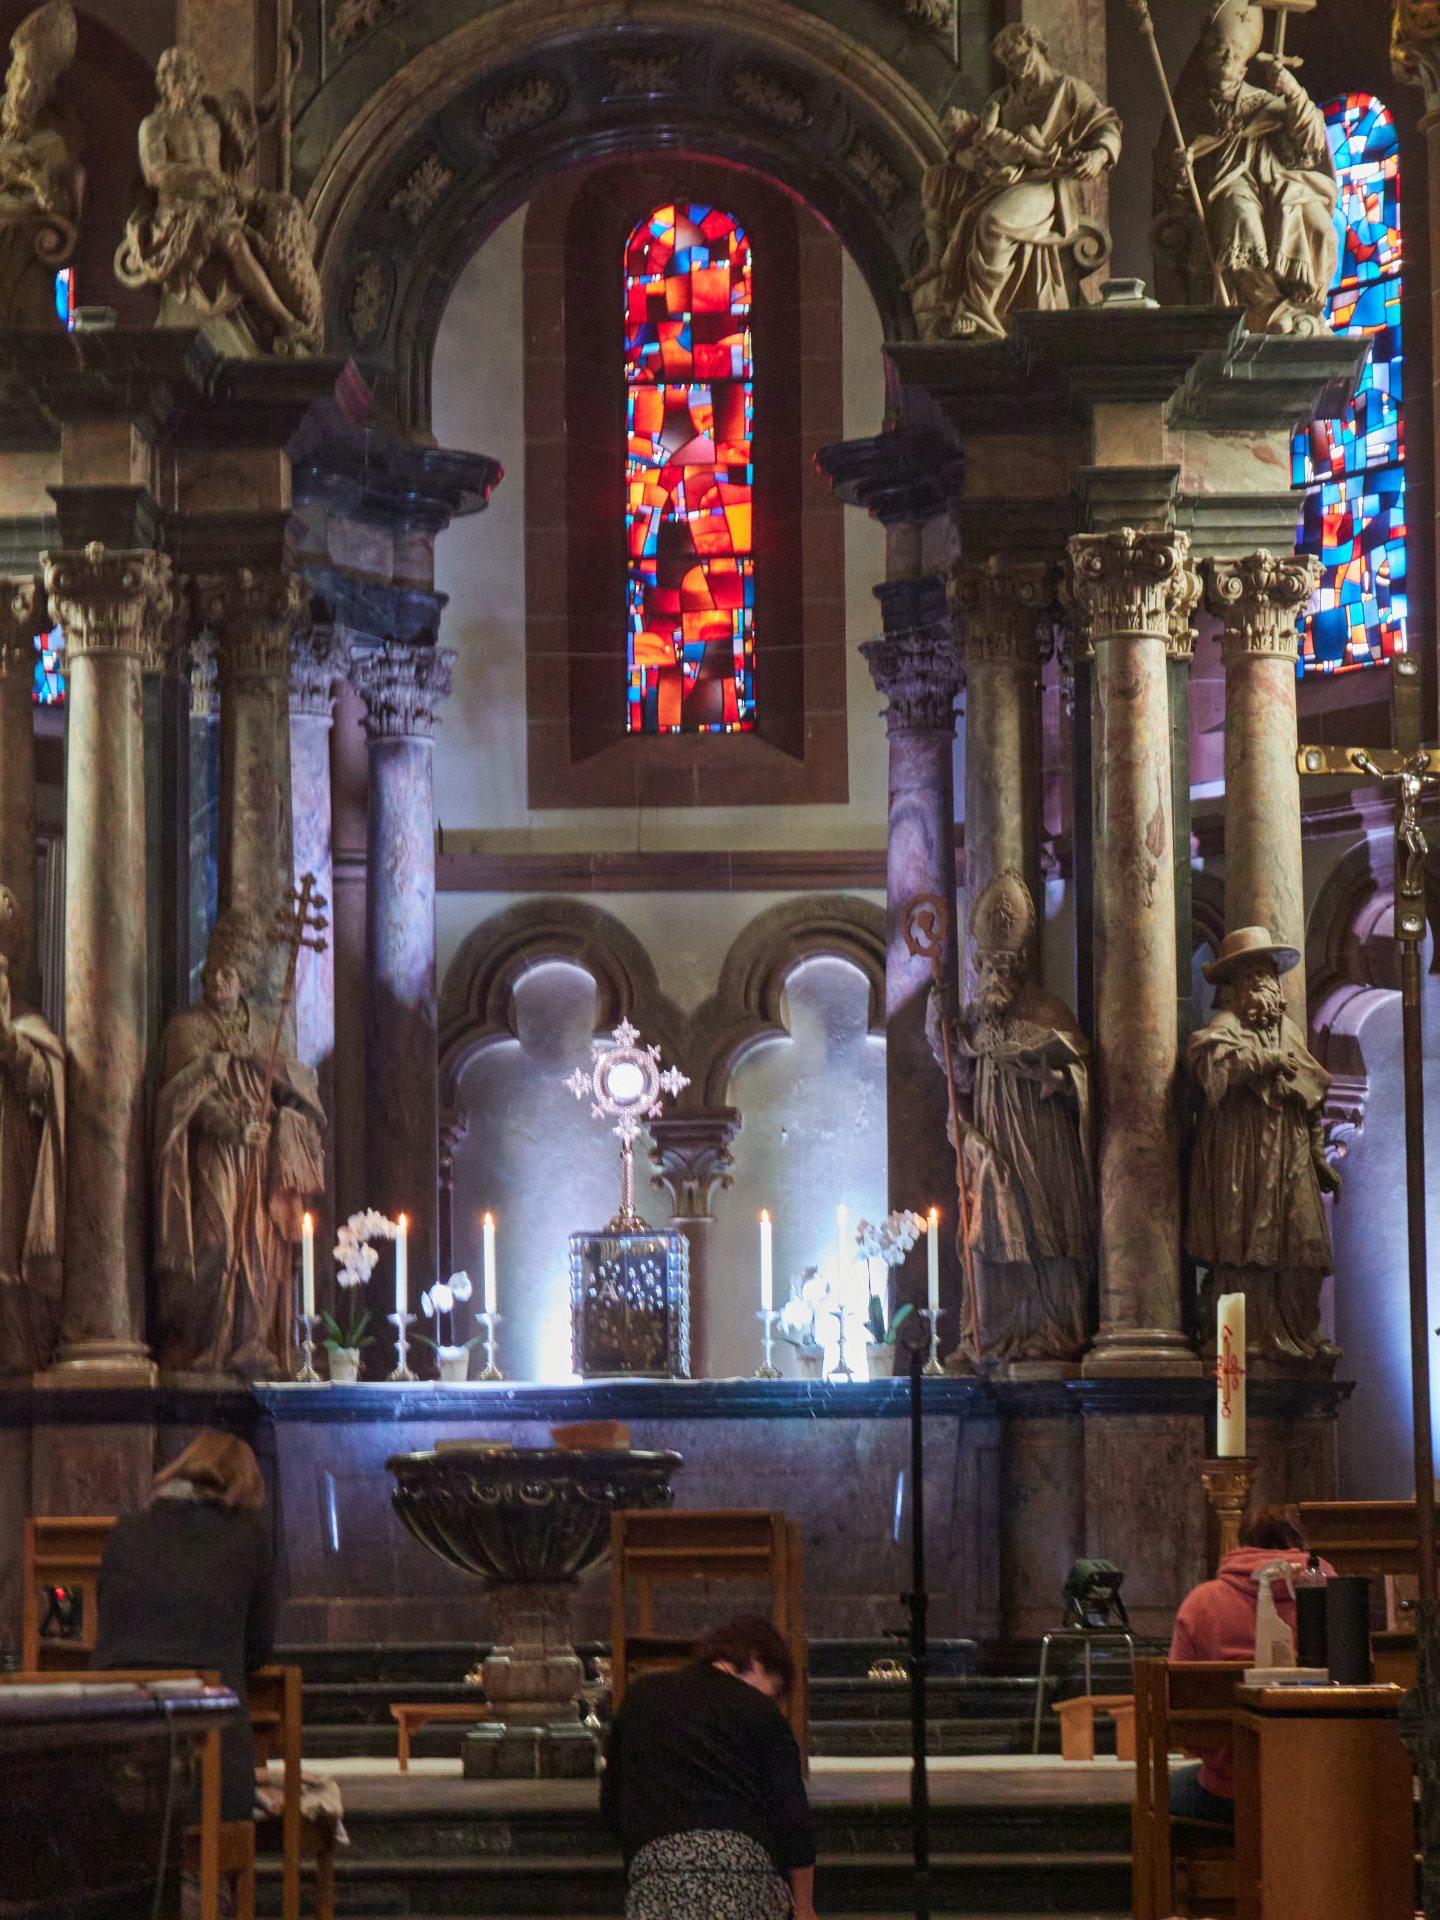 Im Inneren ist die Basilikaa weniger beeindruckend als gedacht. Das Grab Einhards habe ich nicht gefunden. Mit Gesichtskondom sah ich auch zu, schnell wieder aus der Kirche zu kommen